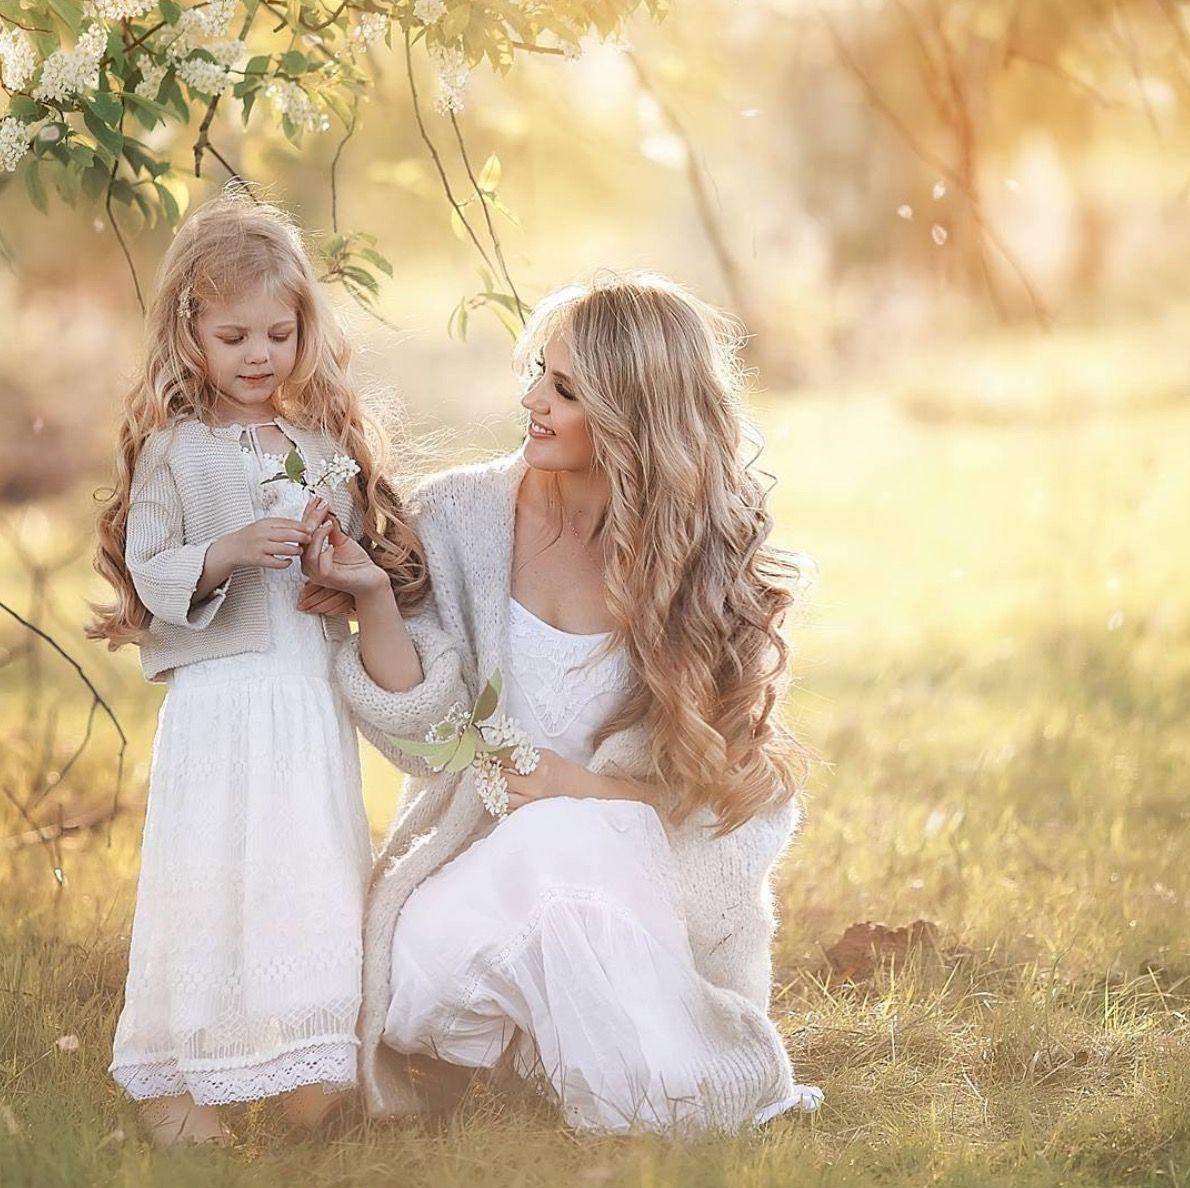 Влияние матери на мнение дочери о красоте - 1